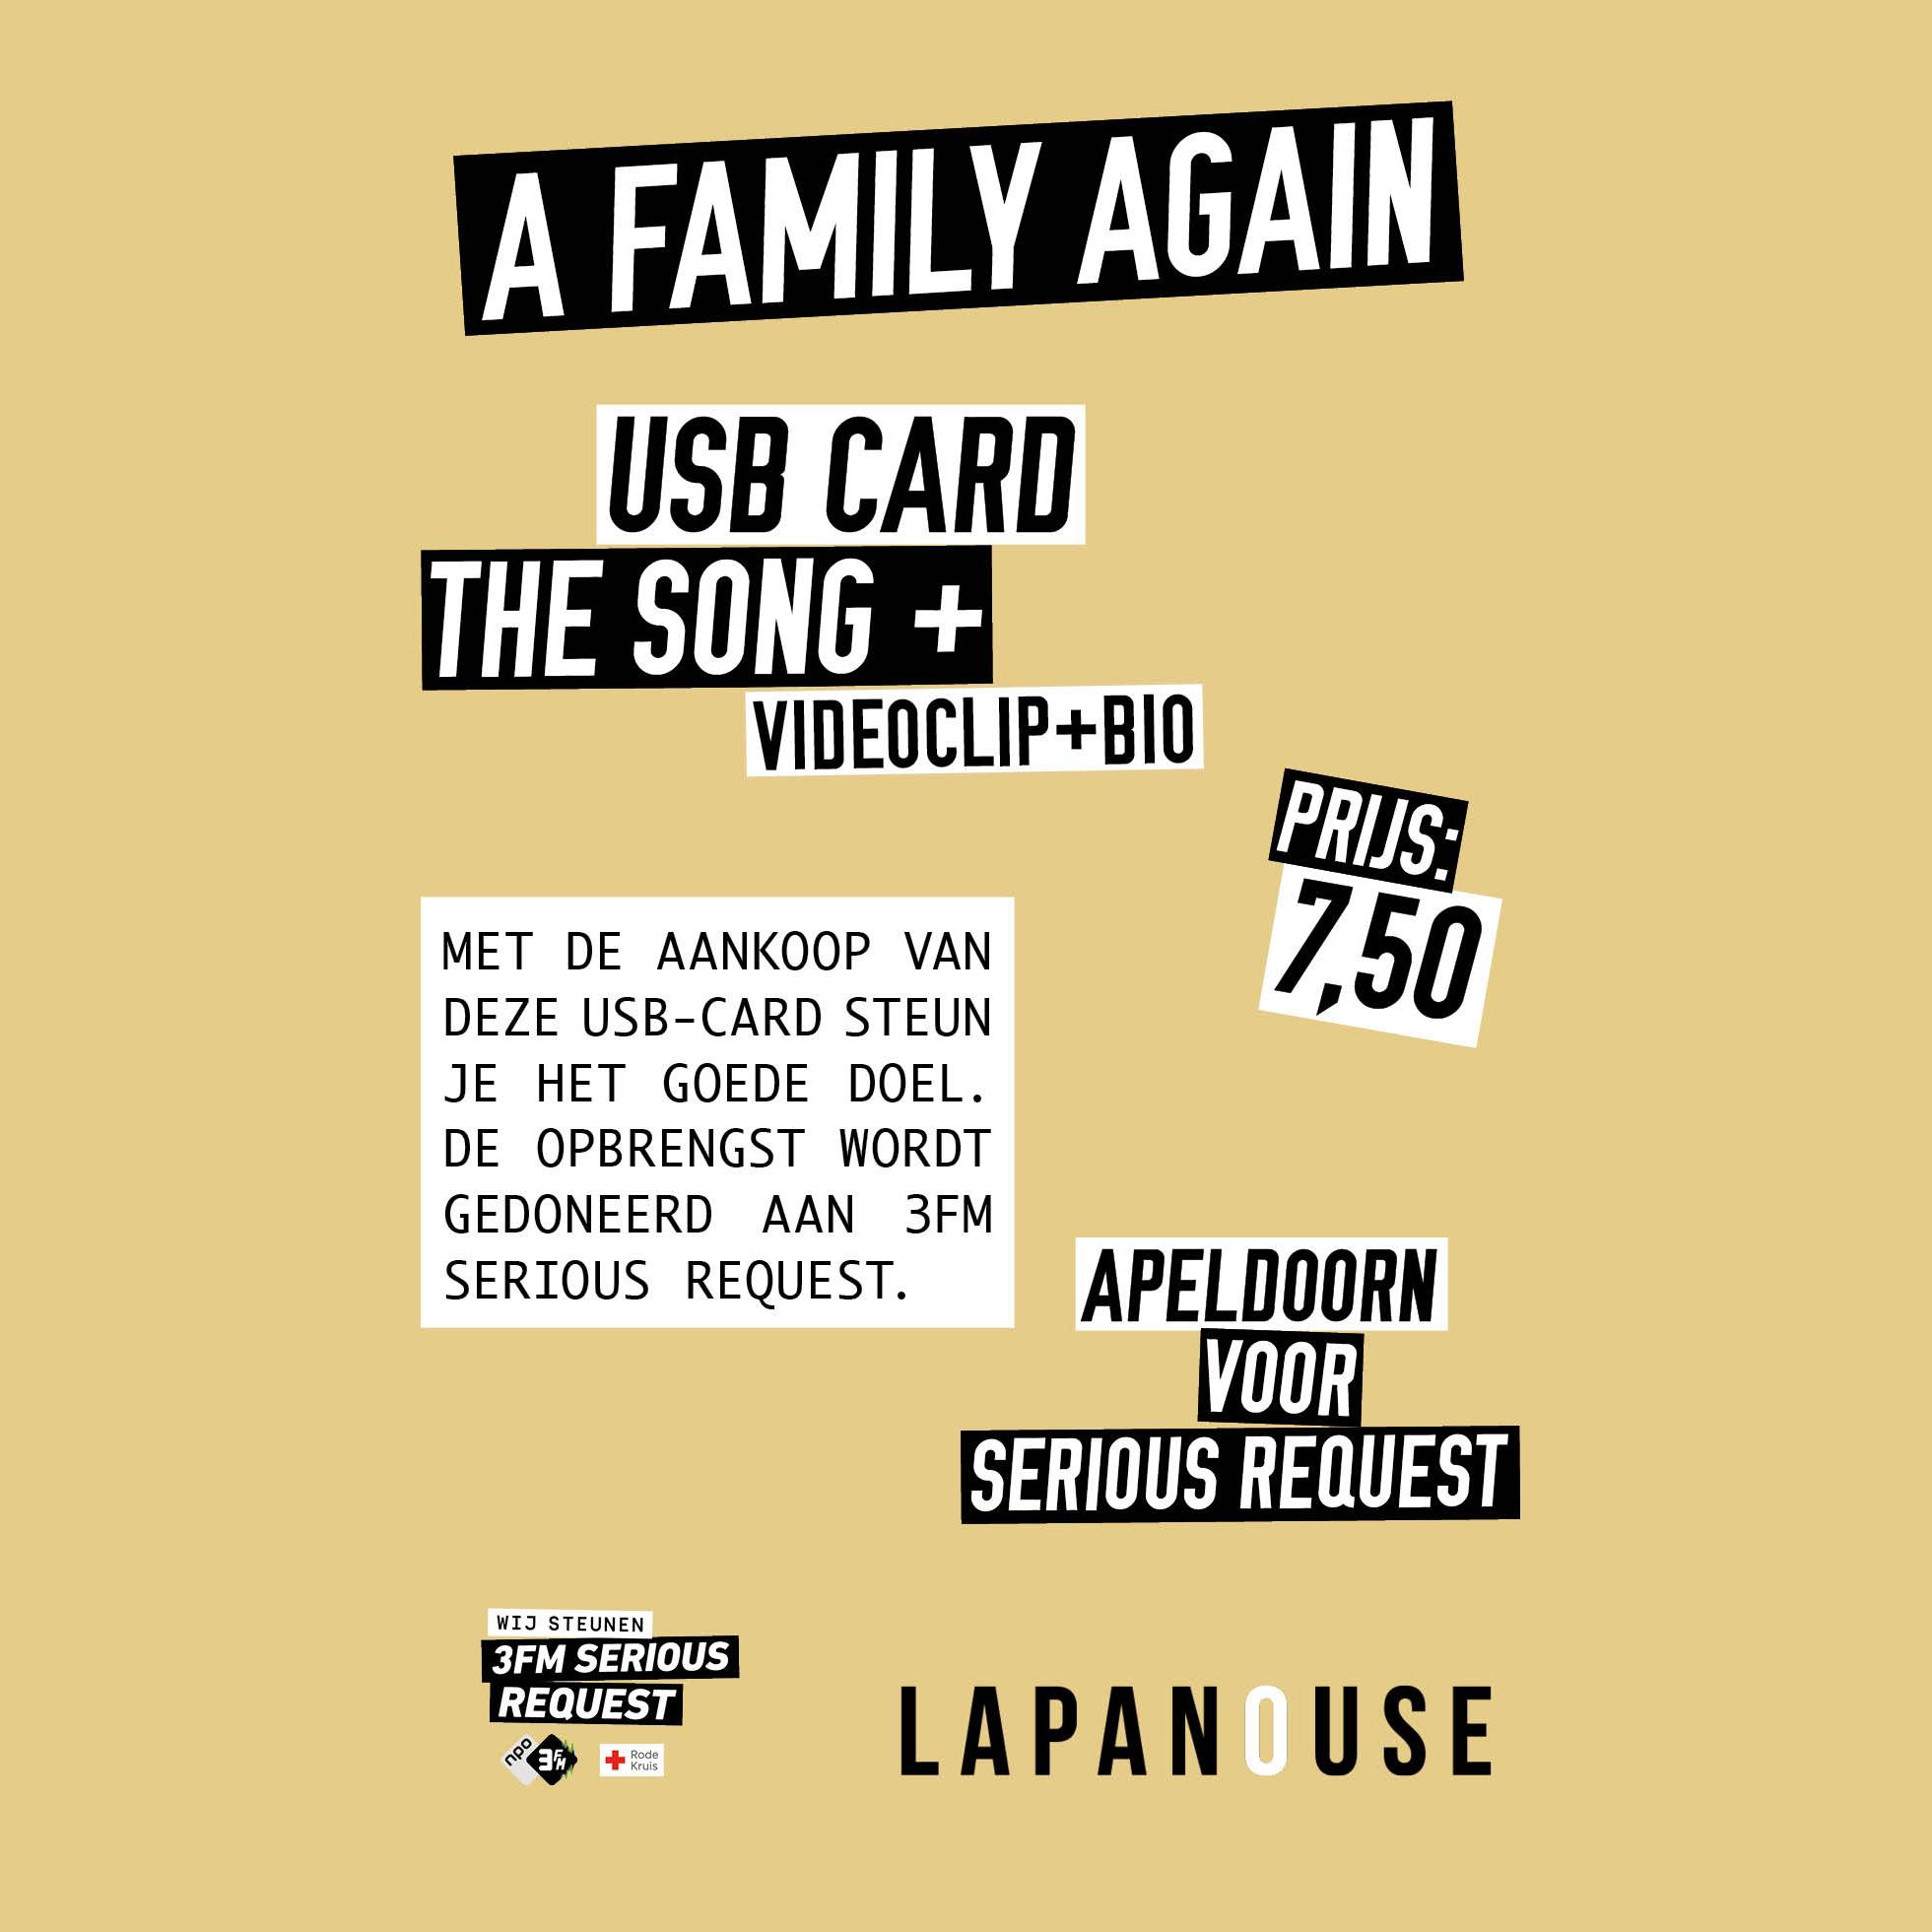 USB-card 'A family again'